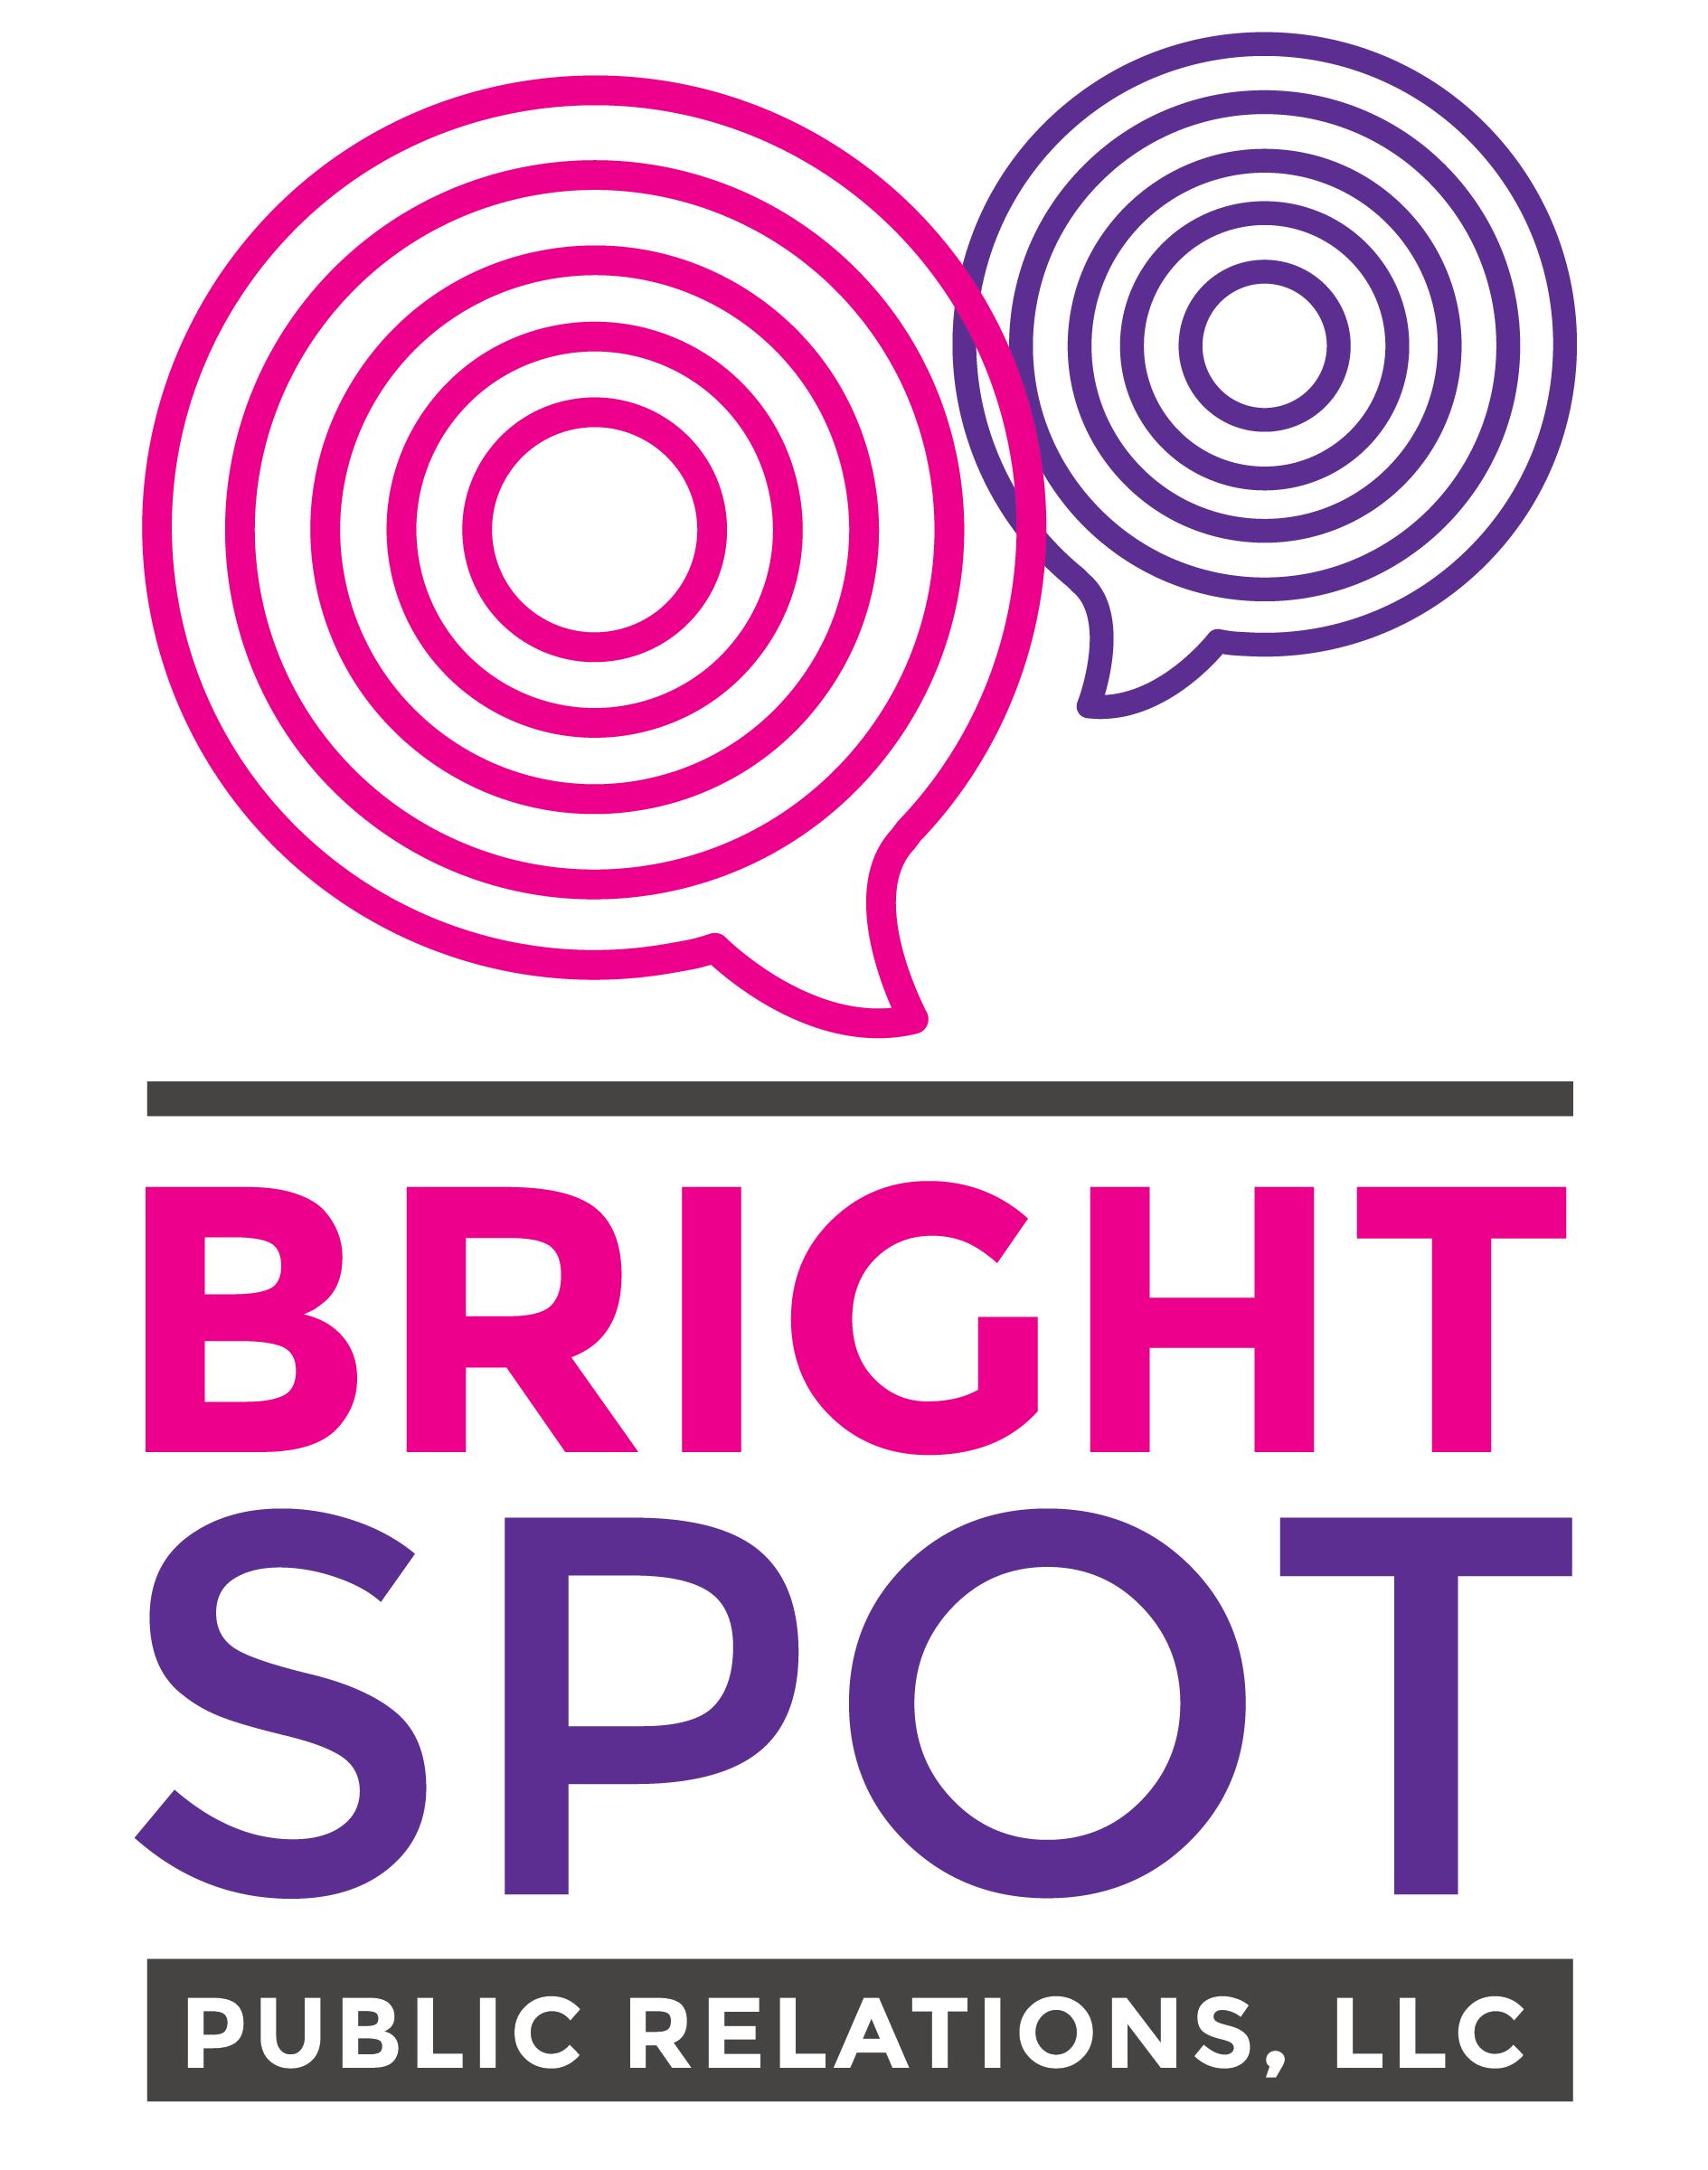 Bright Spot Public Relations, LLC